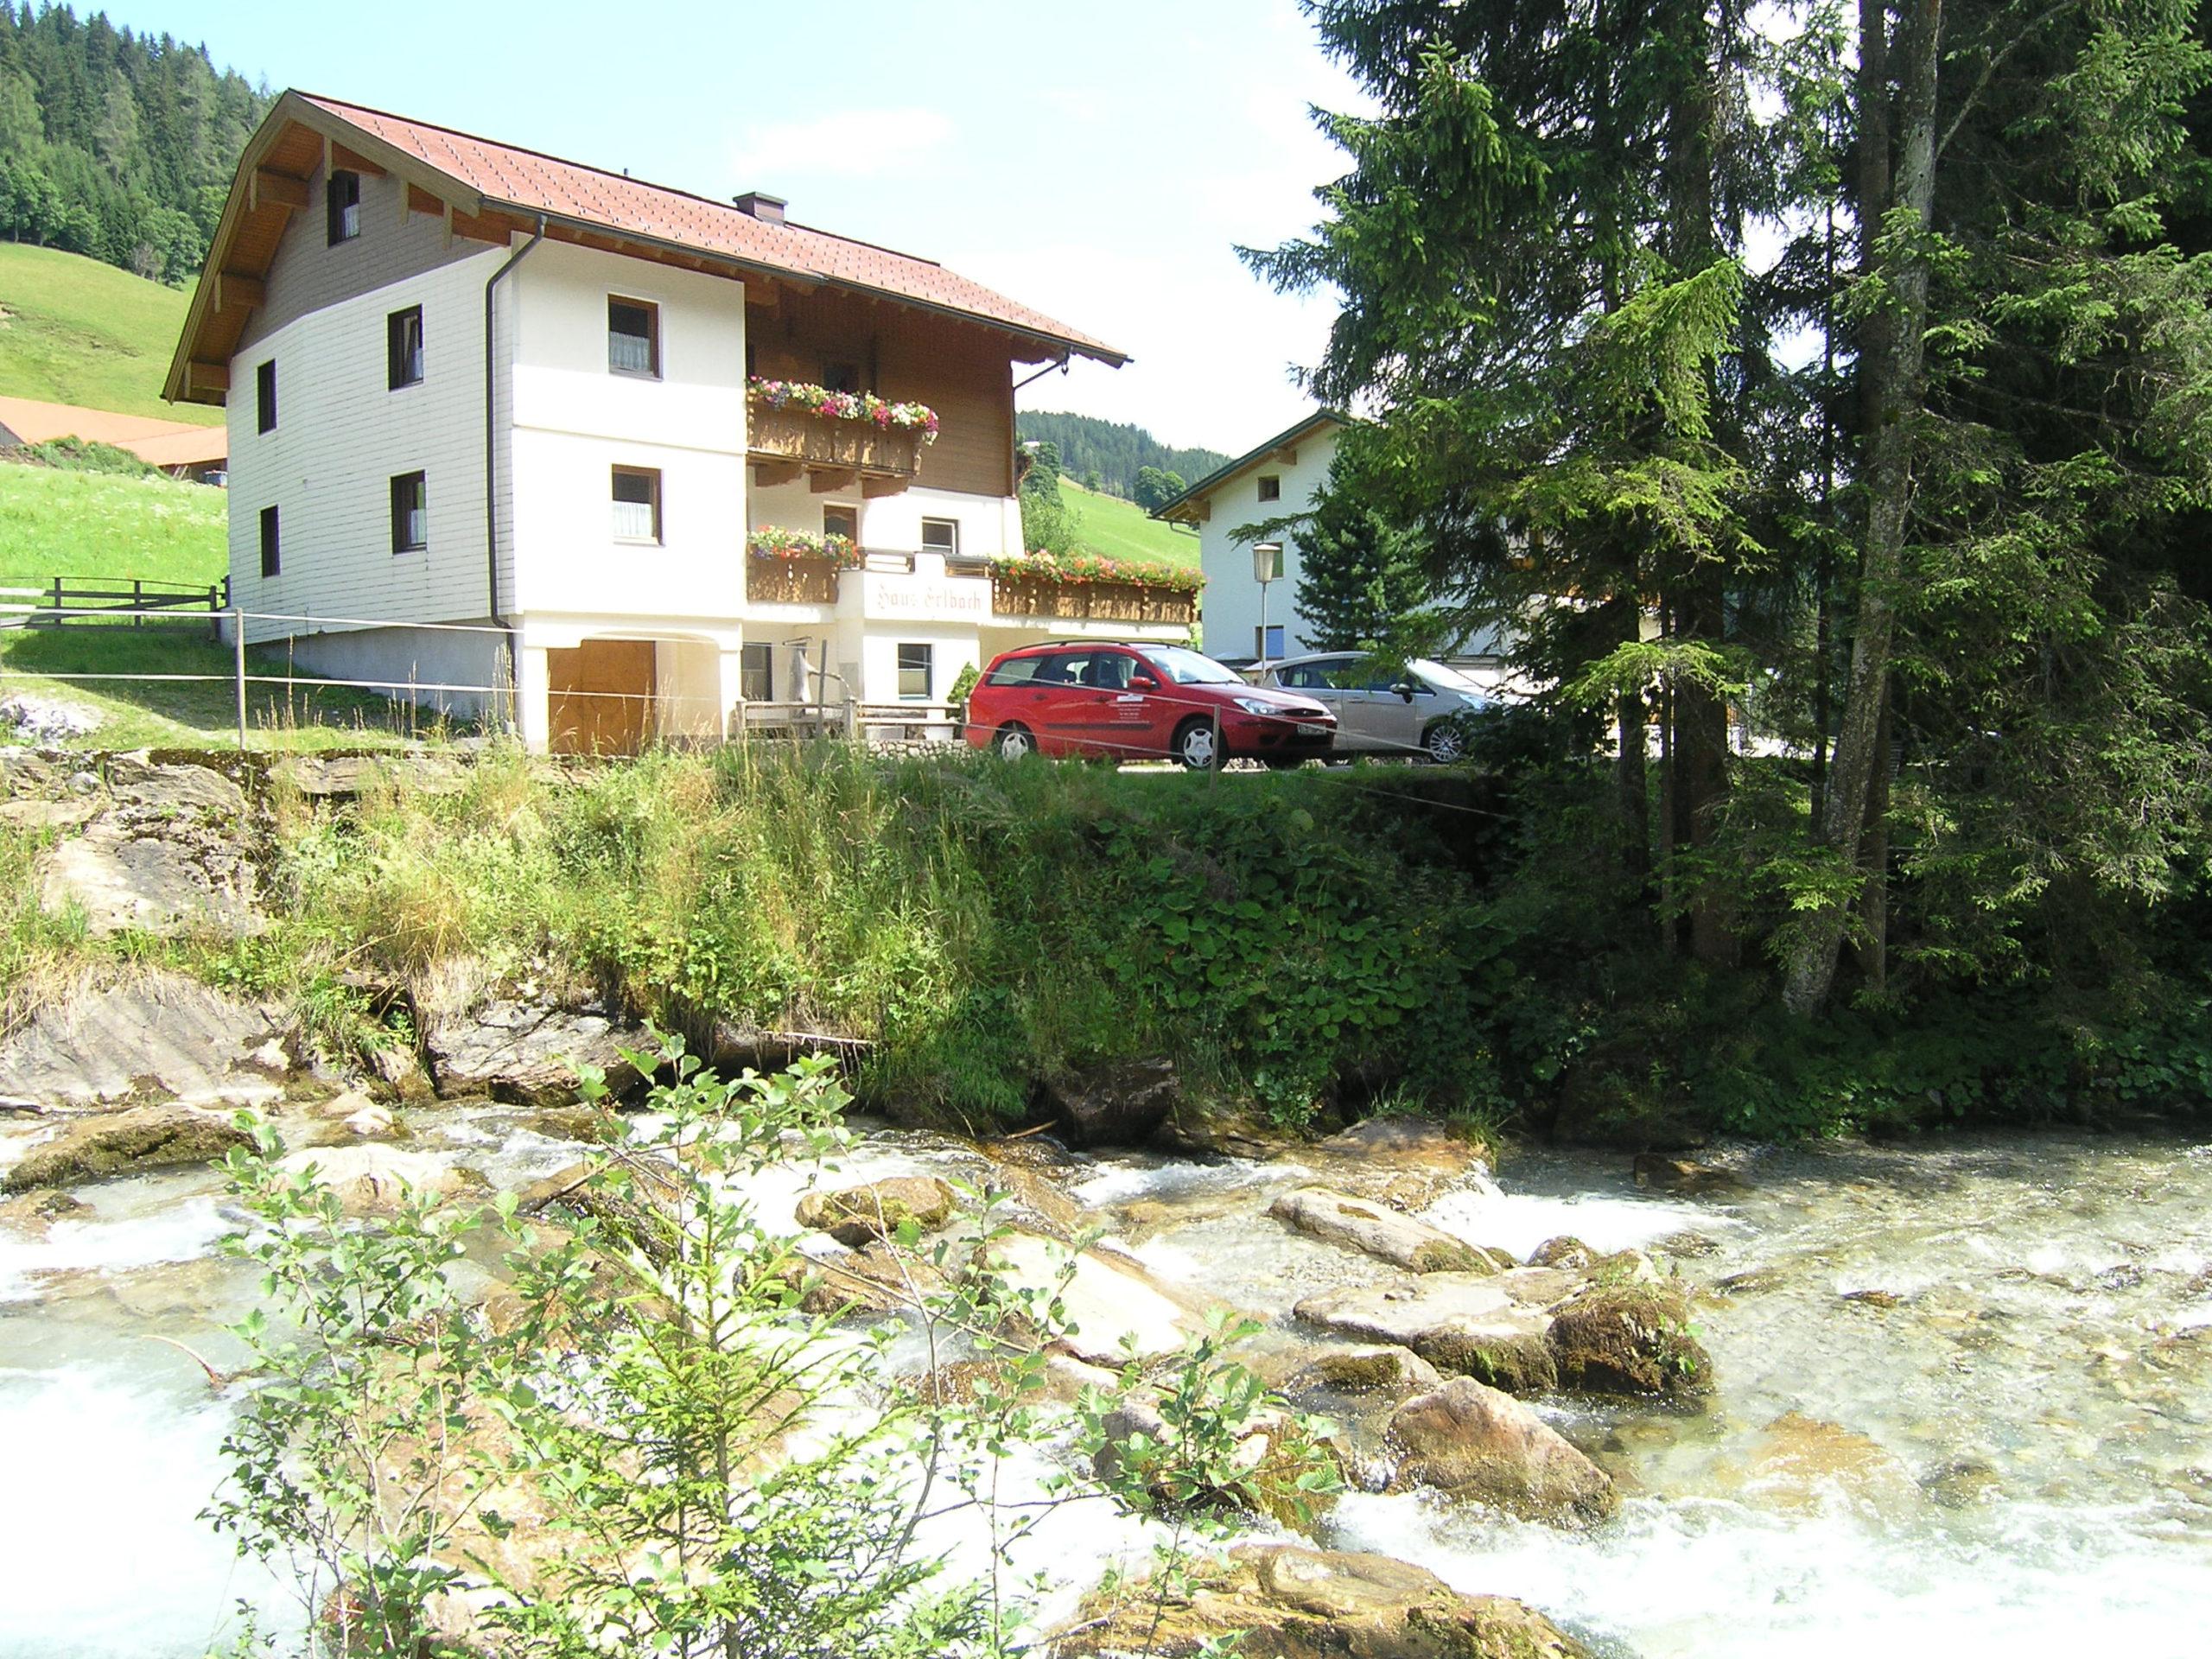 Widok na wodę i dom